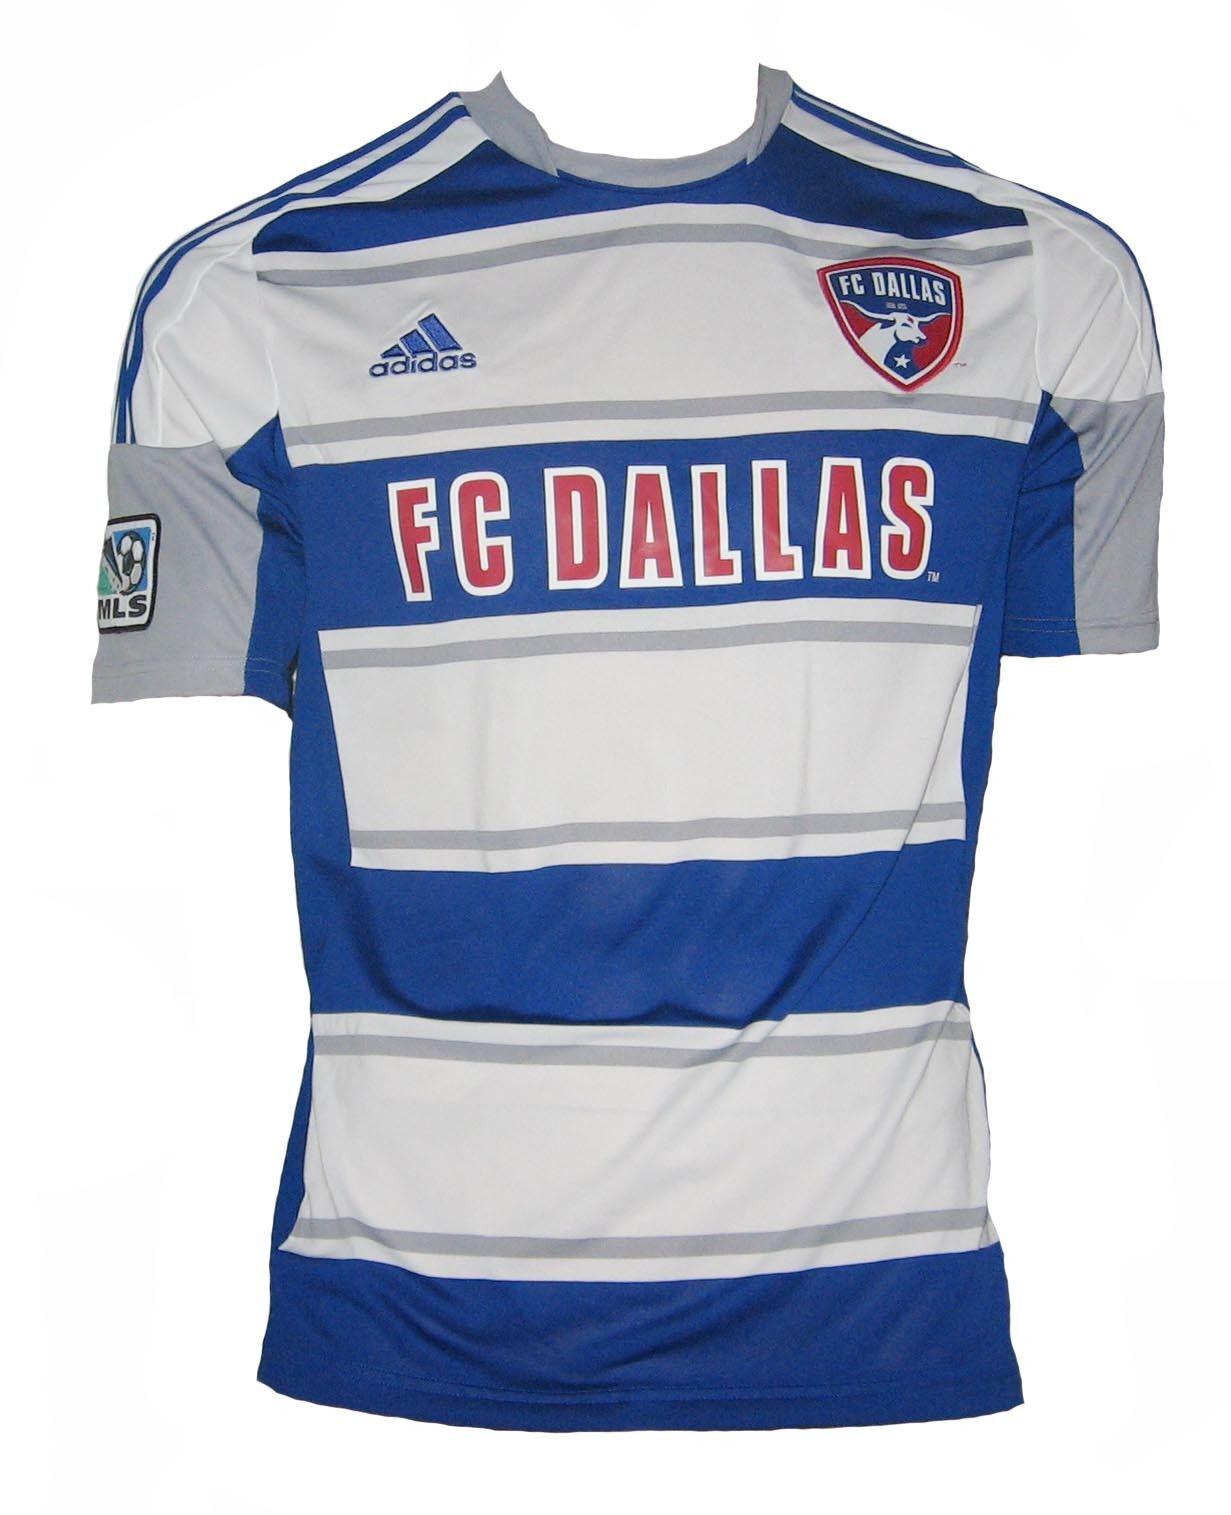 FC Dallas Trikot 2011 12 Away Adidas MLS XL  | Treten Sie ein in die Welt der Spielzeuge und finden Sie eine Quelle des Glücks